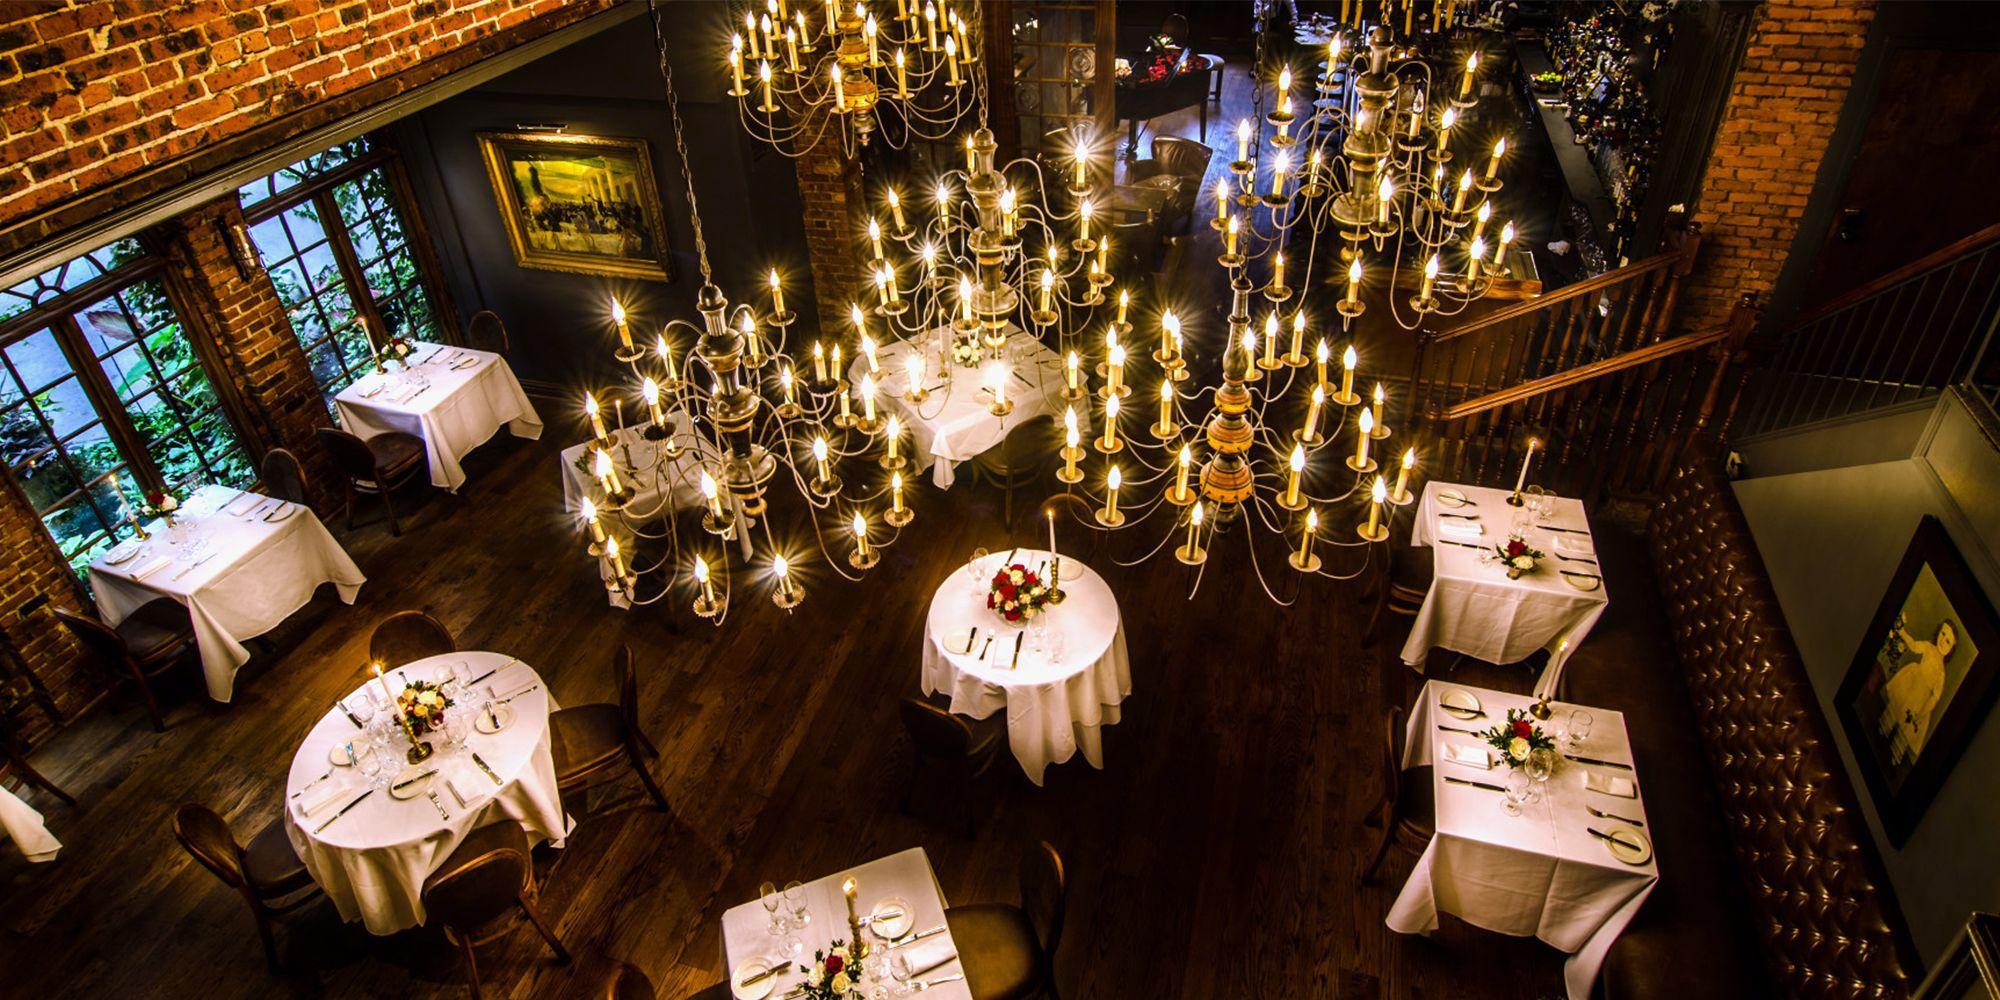 10 Most Romantic Restaurants In Nyc Best Date Night Restaurants In